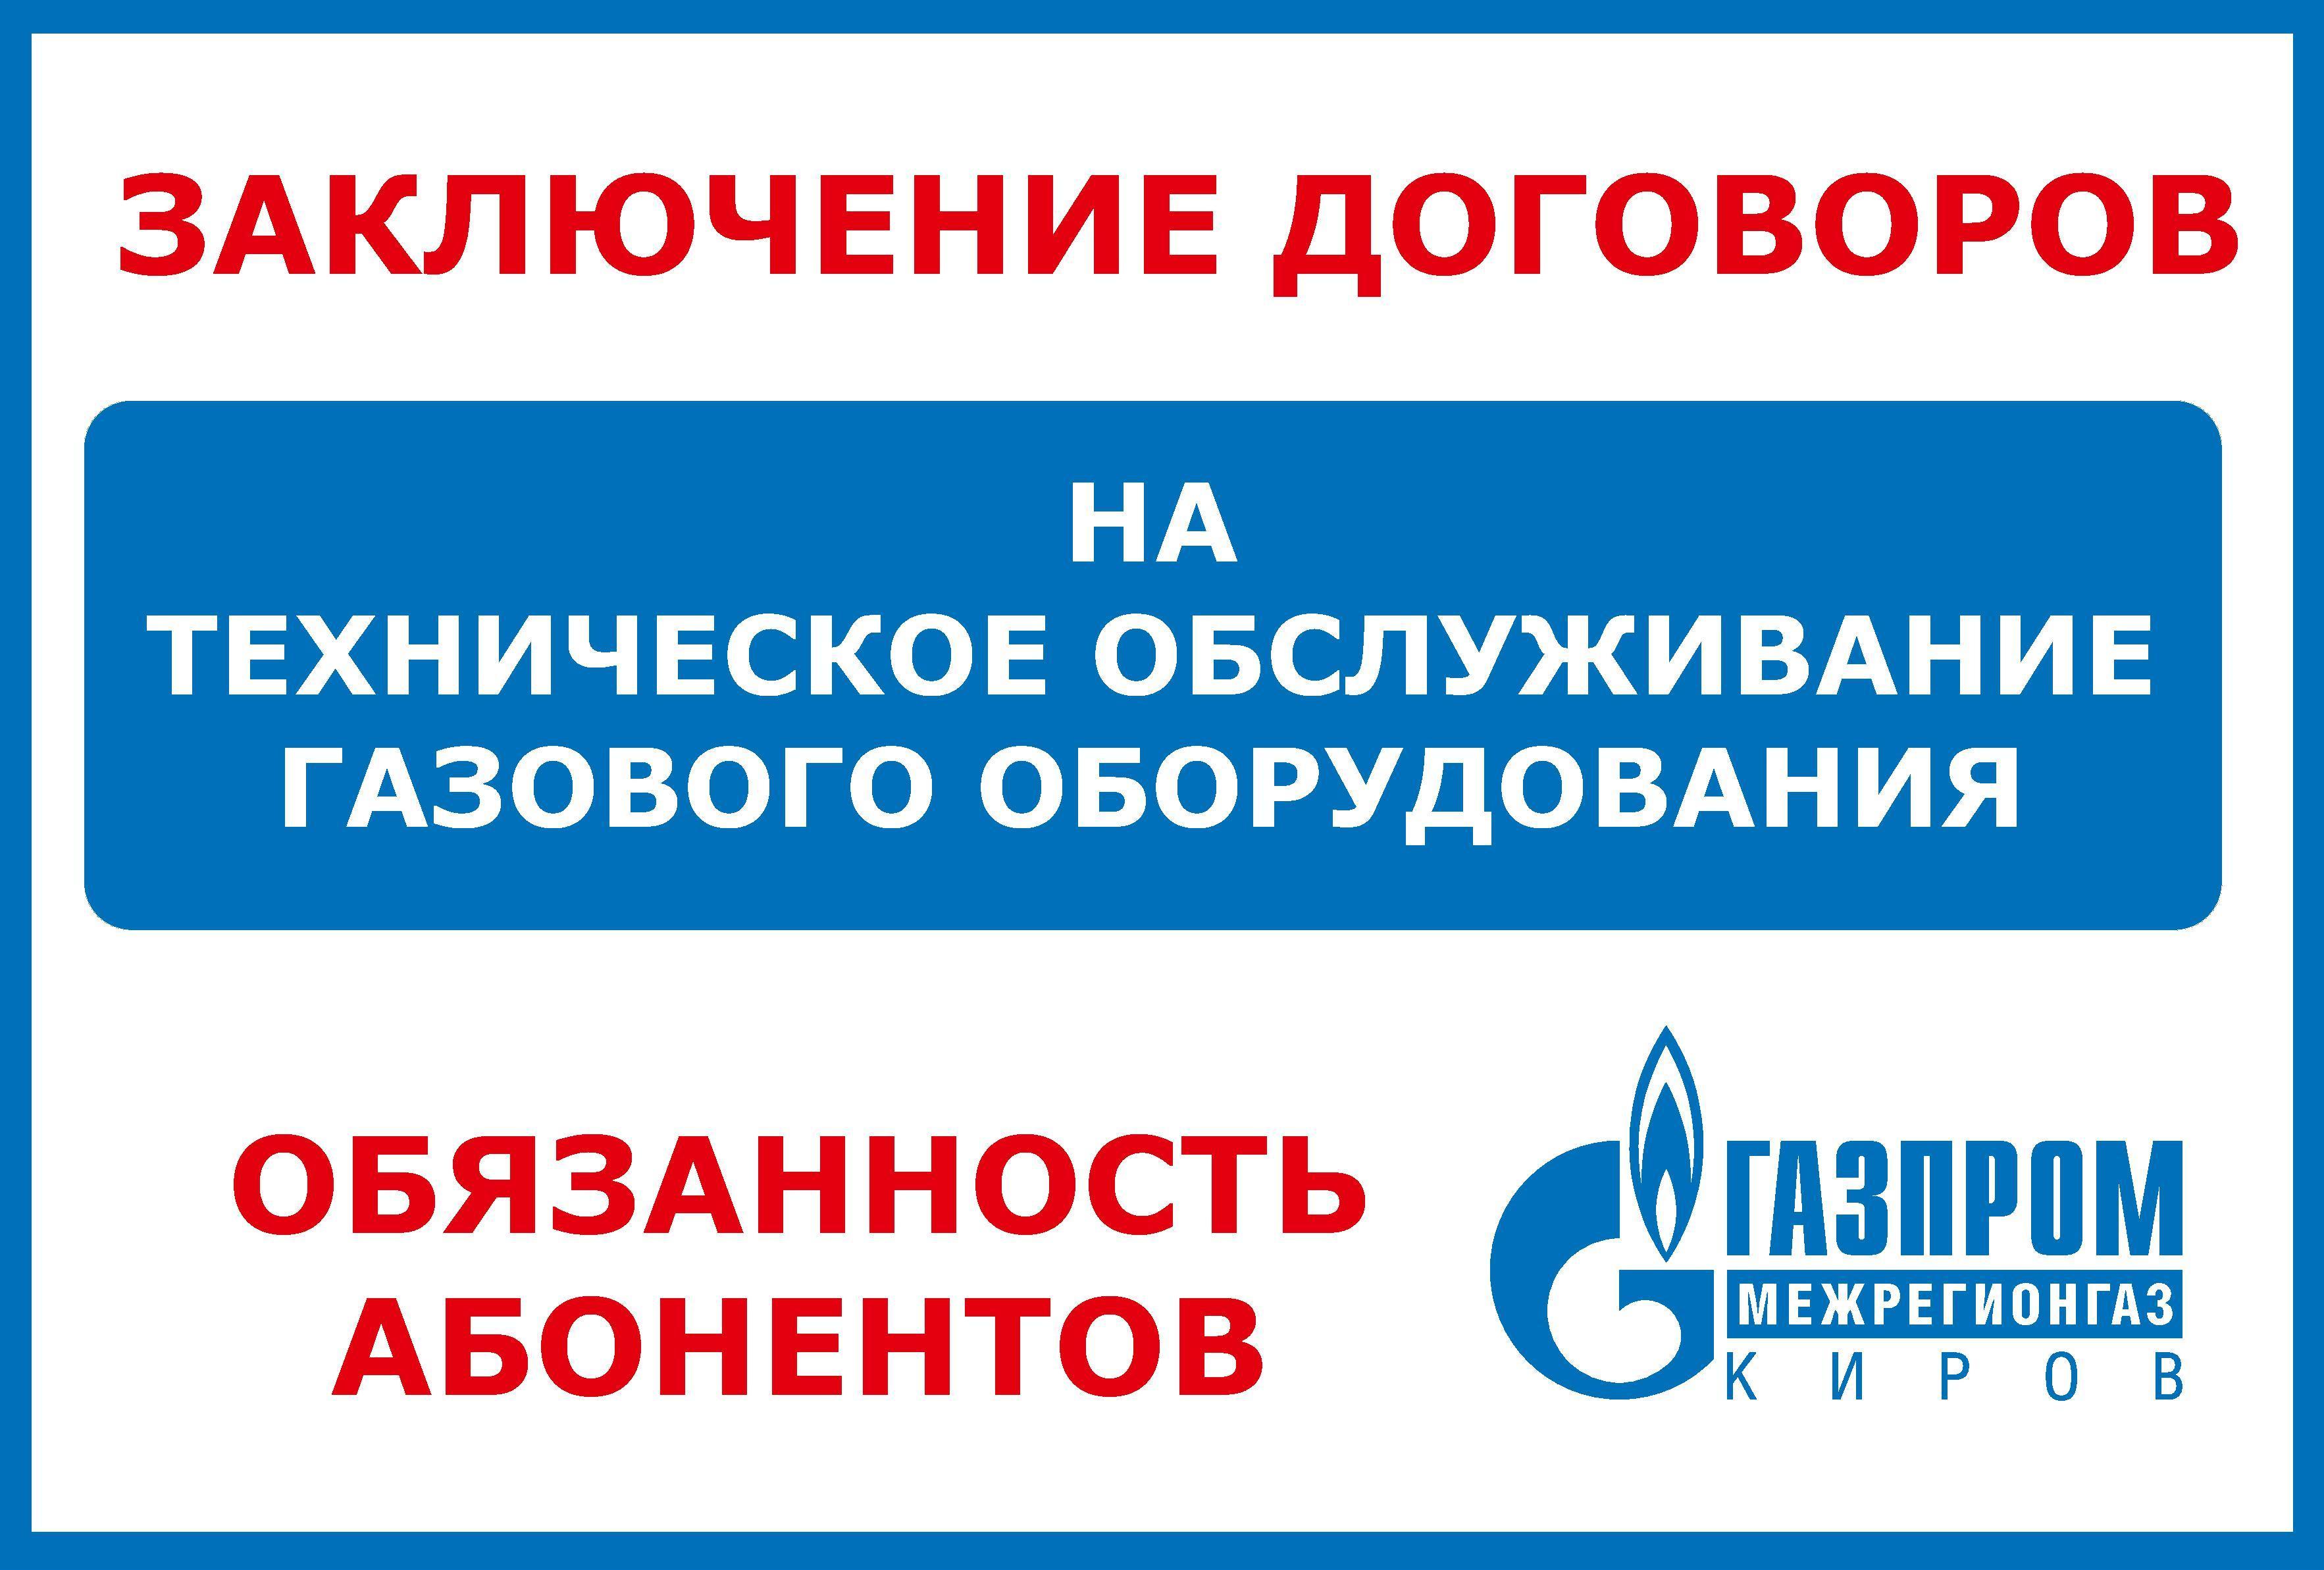 Абоненты ответственны за исправное техническое состояние газового оборудования